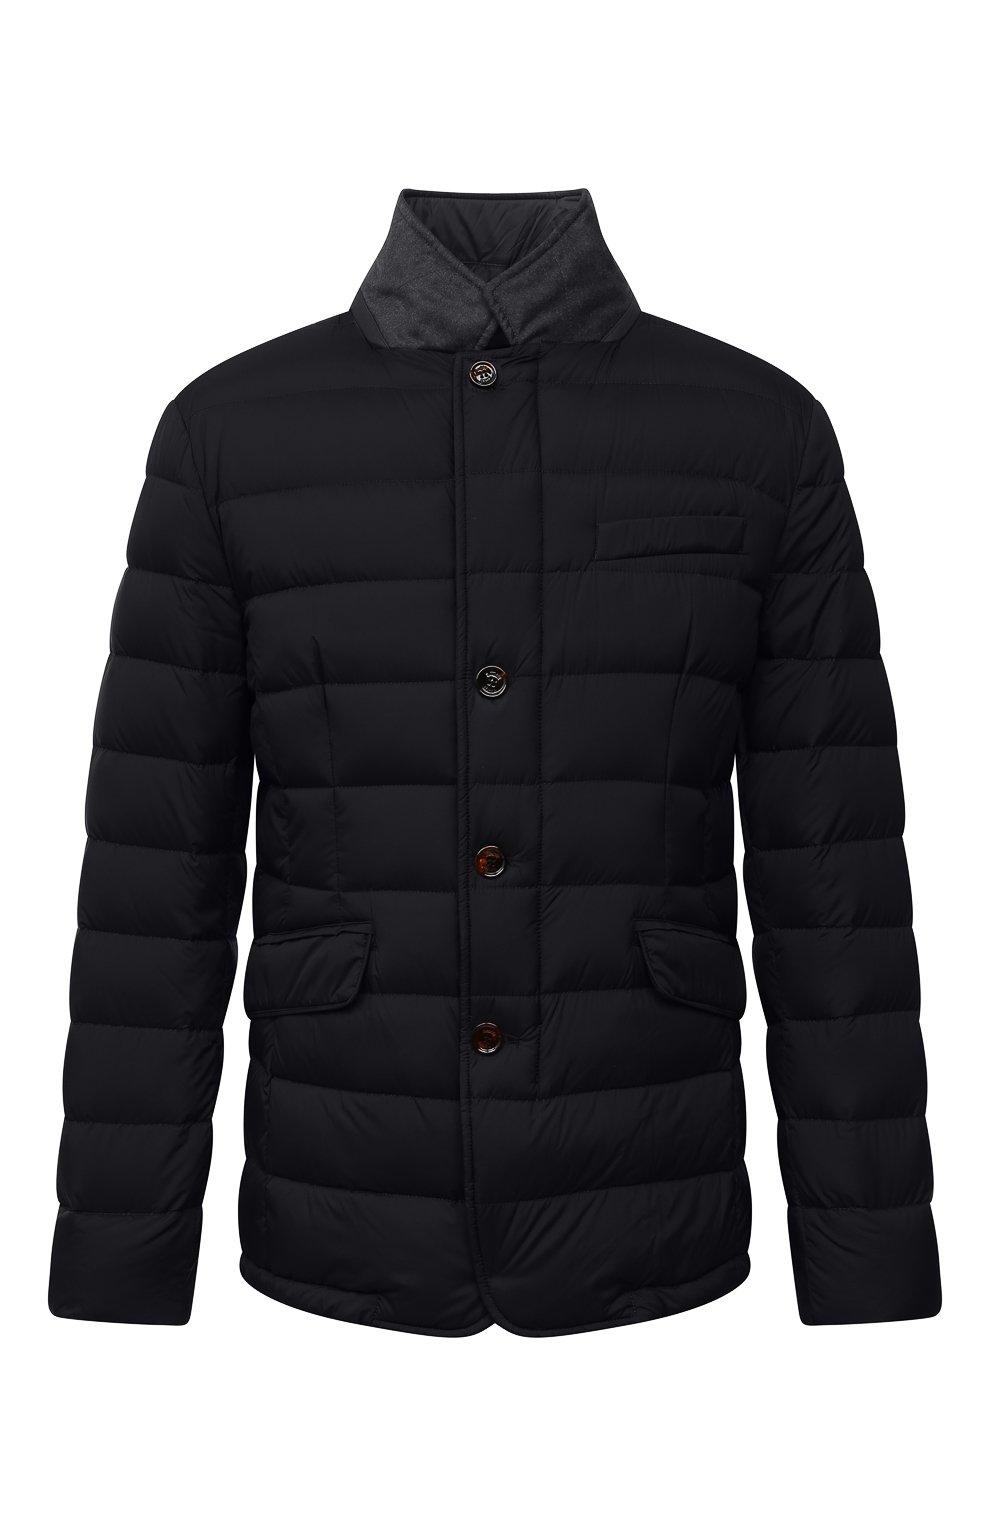 Мужская пуховая куртка zayn-op MOORER темно-синего цвета, арт. ZAYN-0P/M0UGI100307-TEPA017 | Фото 1 (Кросс-КТ: Куртка; Мужское Кросс-КТ: пуховик-короткий; Рукава: Длинные; Материал внешний: Синтетический материал; Материал подклада: Синтетический материал; Длина (верхняя одежда): Короткие; Материал утеплителя: Пух и перо; Стили: Кэжуэл)